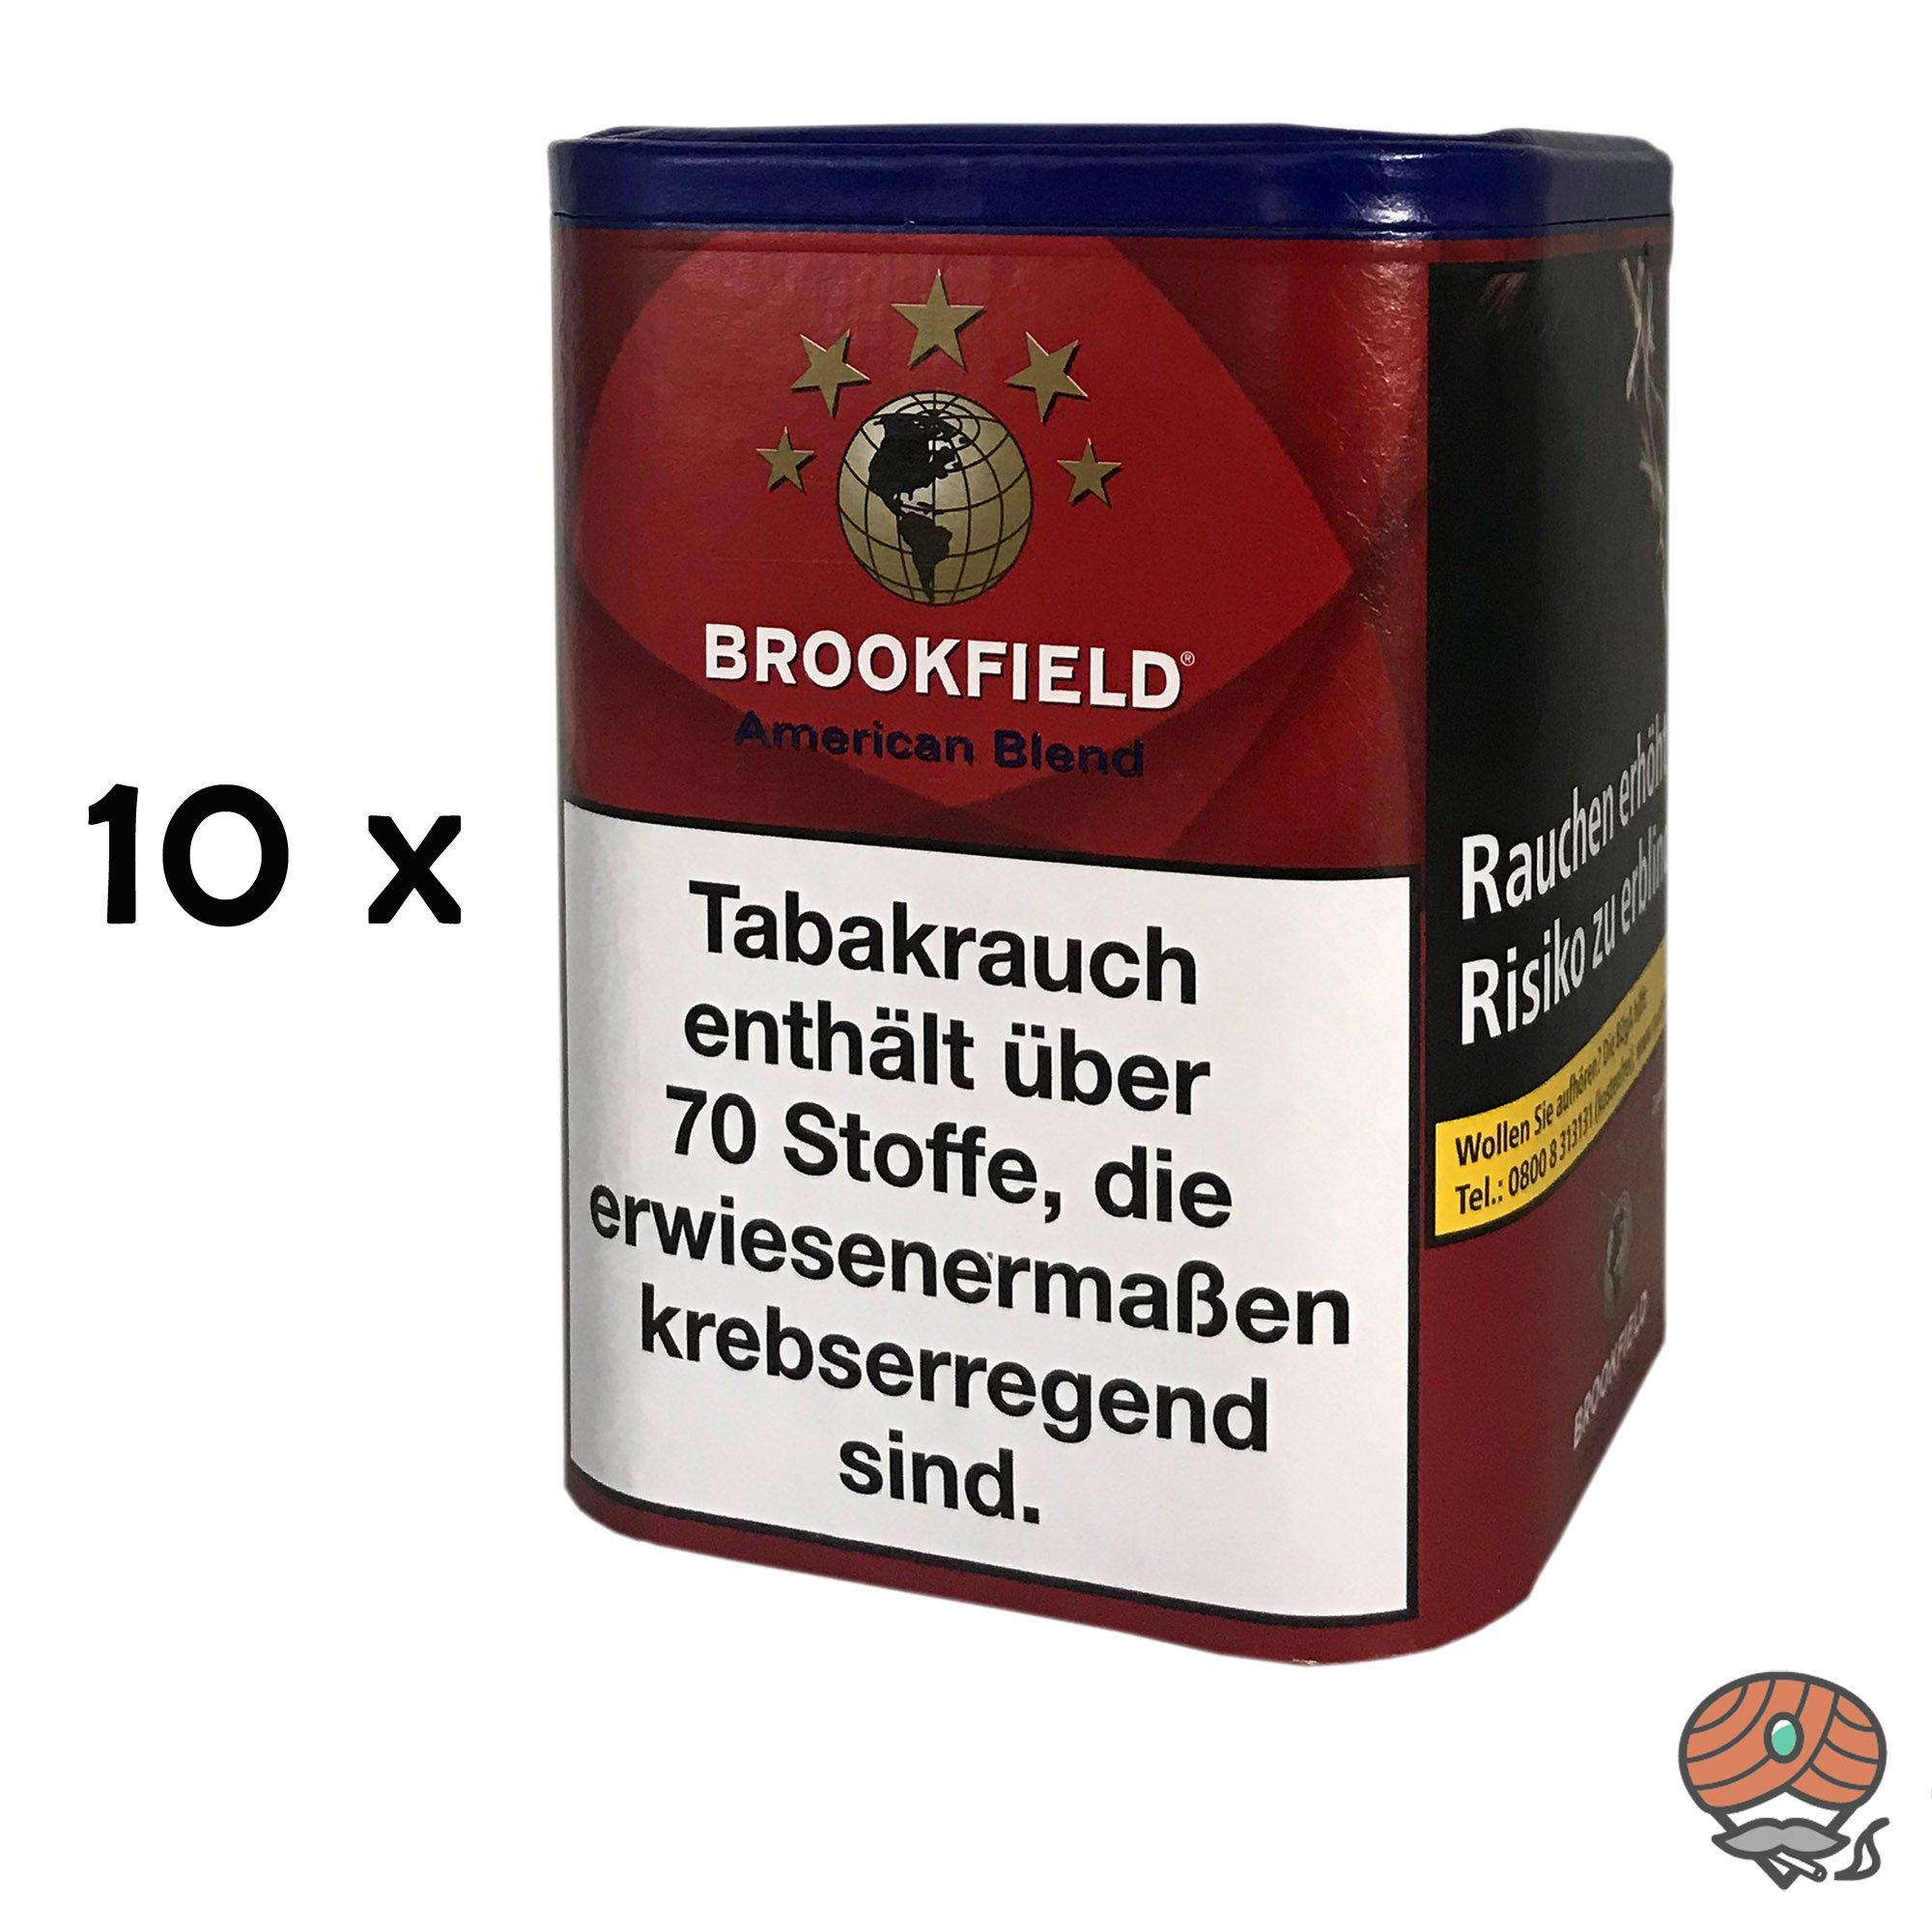 10x Brookfield American Blend Zigarettentabak/Feinschnittabak à 120g